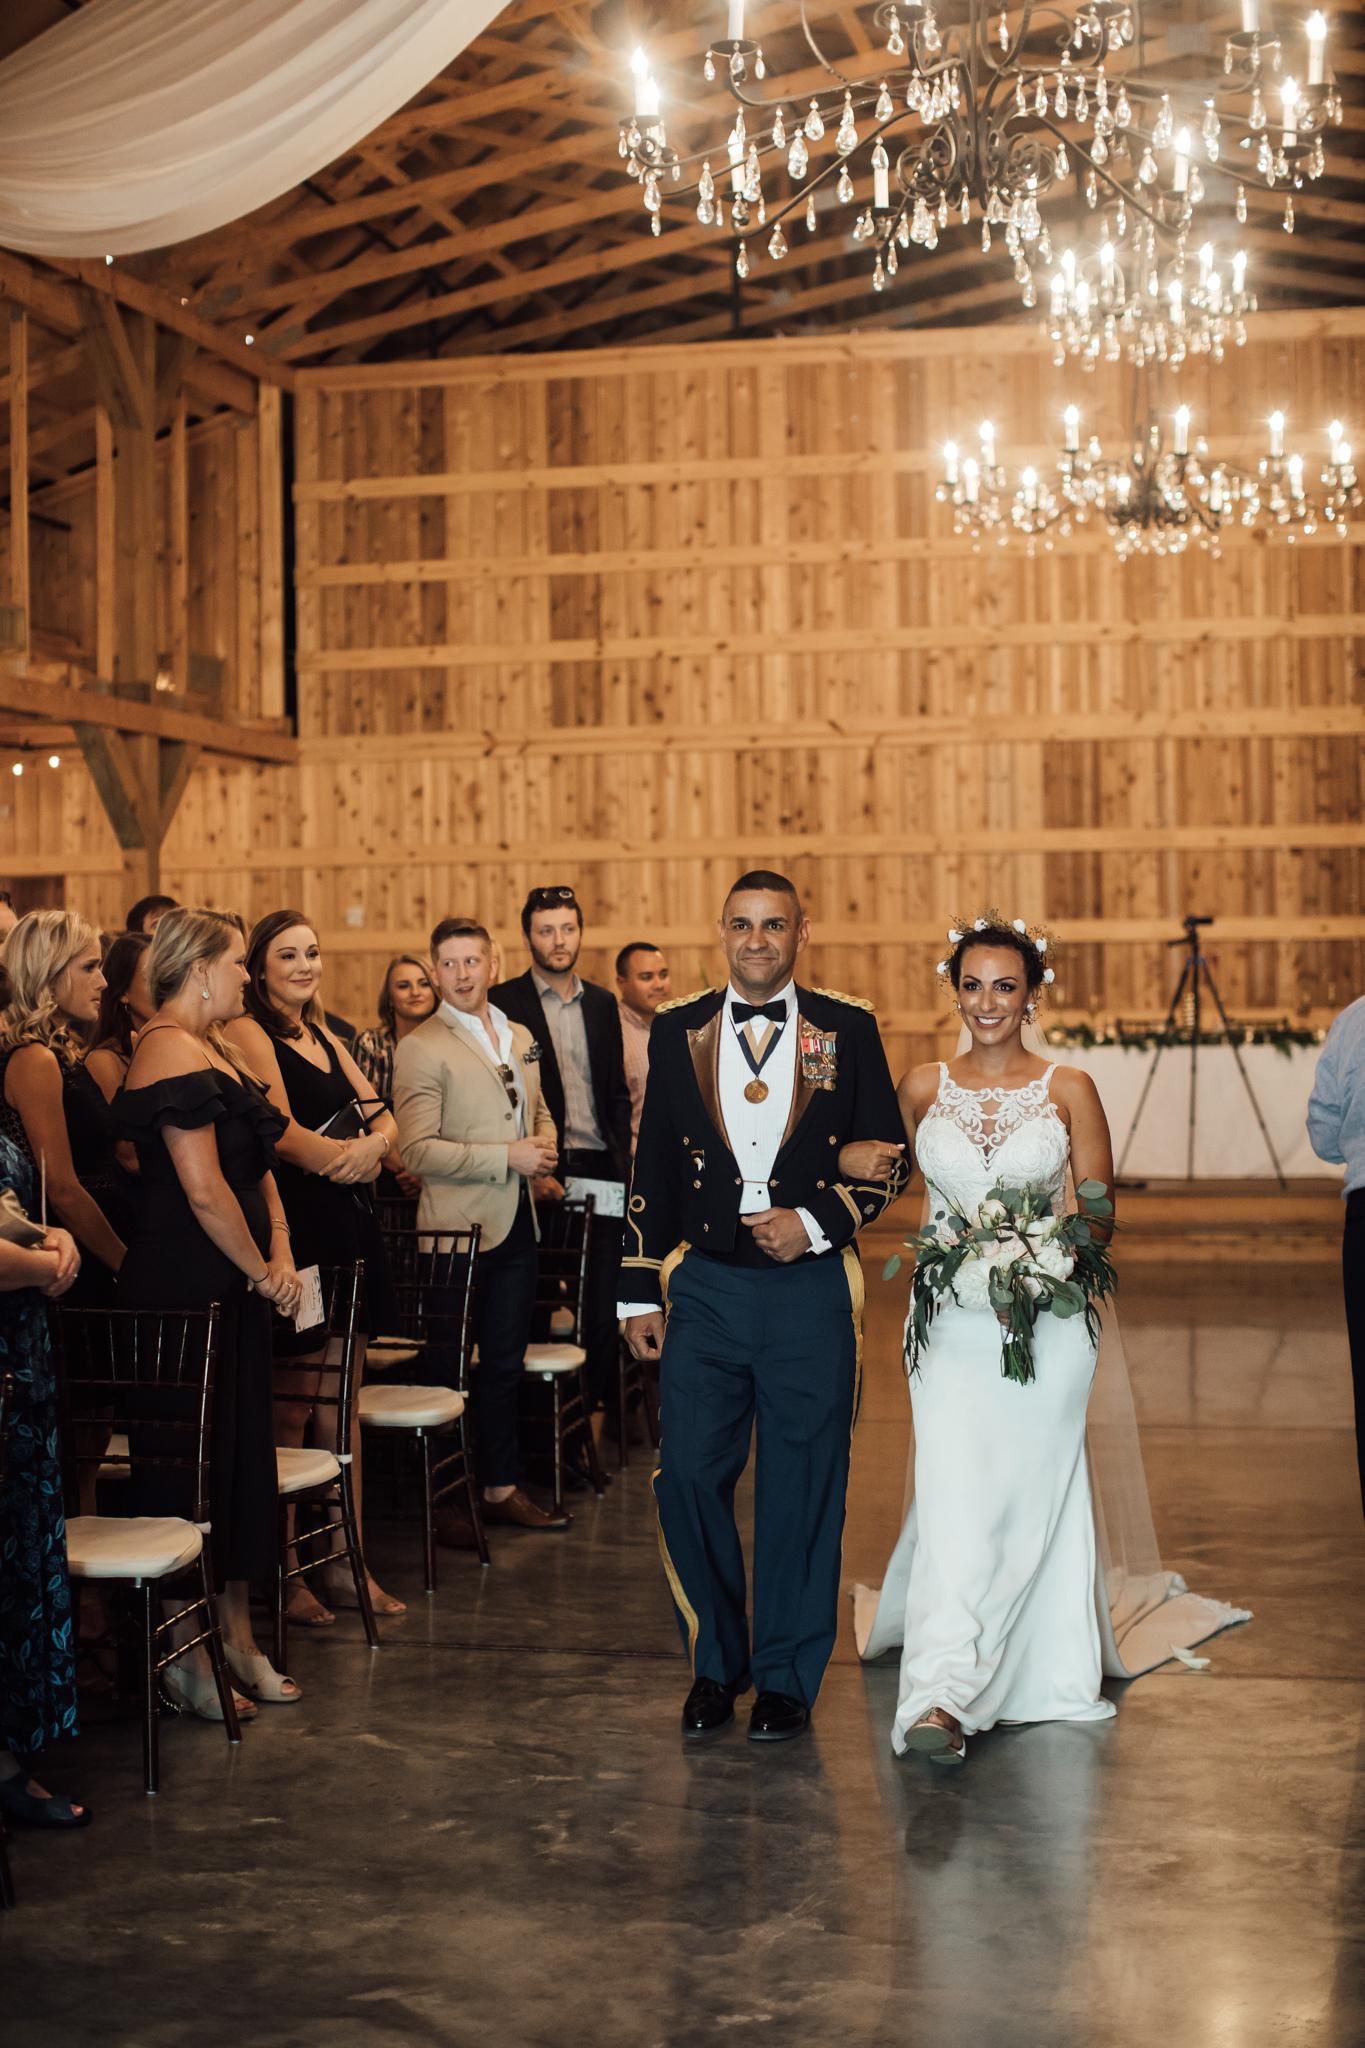 saddlewoodsfarms-nashville-wedding-photographer-thewarmtharoundyou-rustic-wedding (14 of 251).jpg